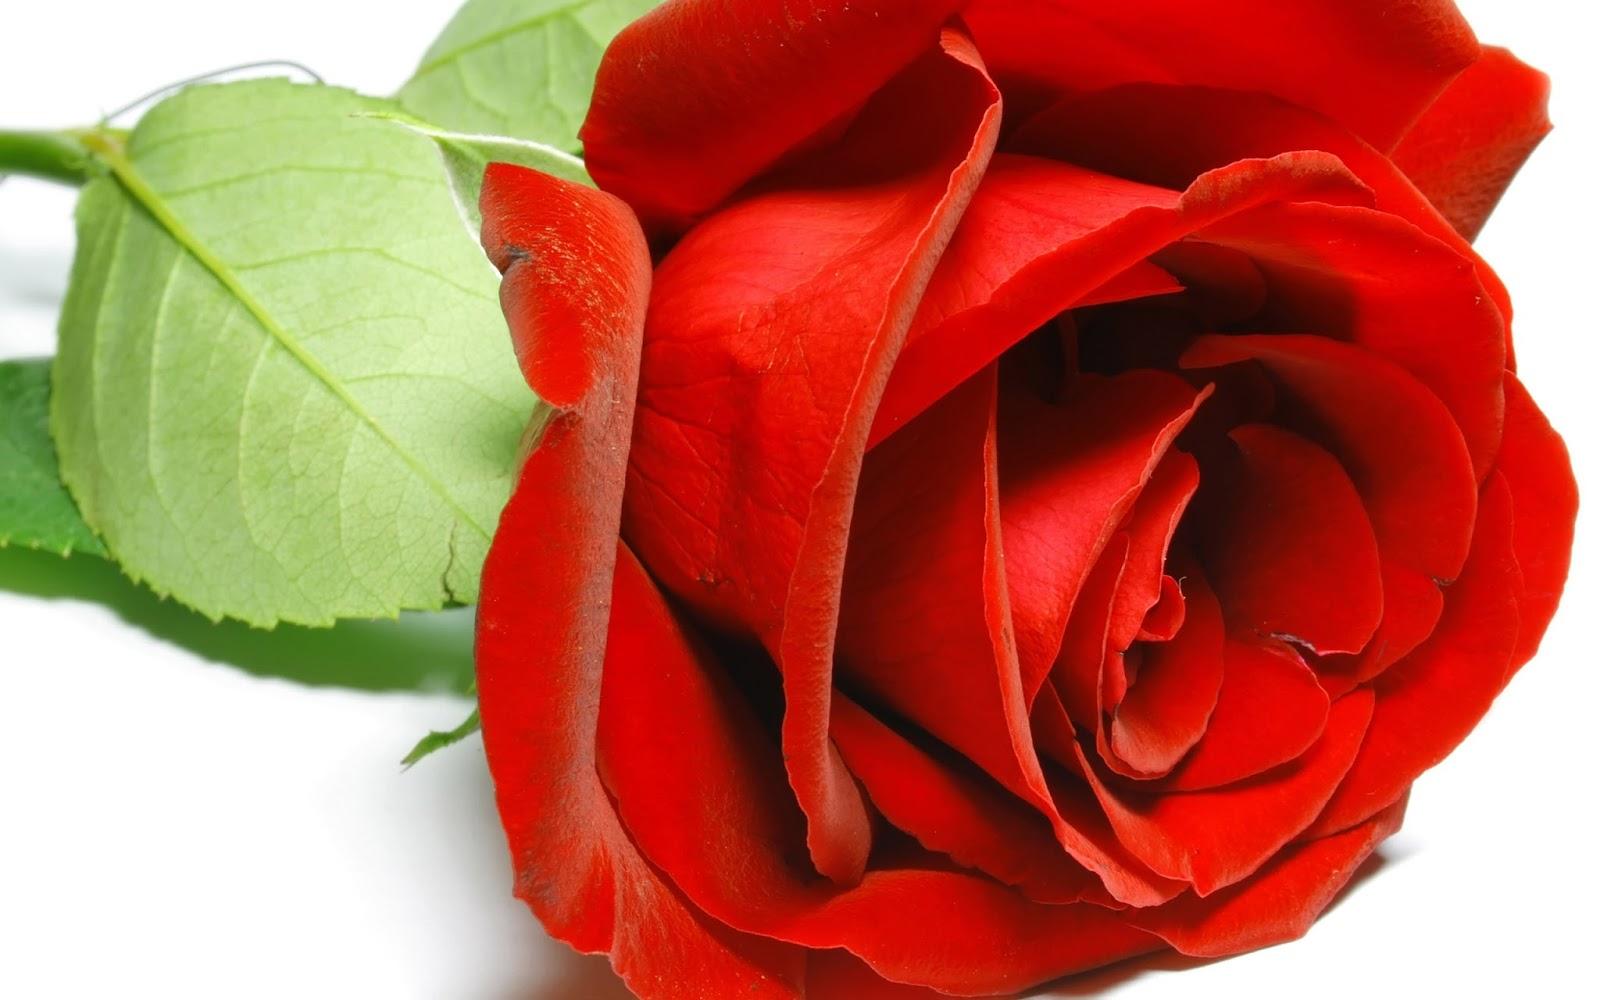 ANNE: Precious rose